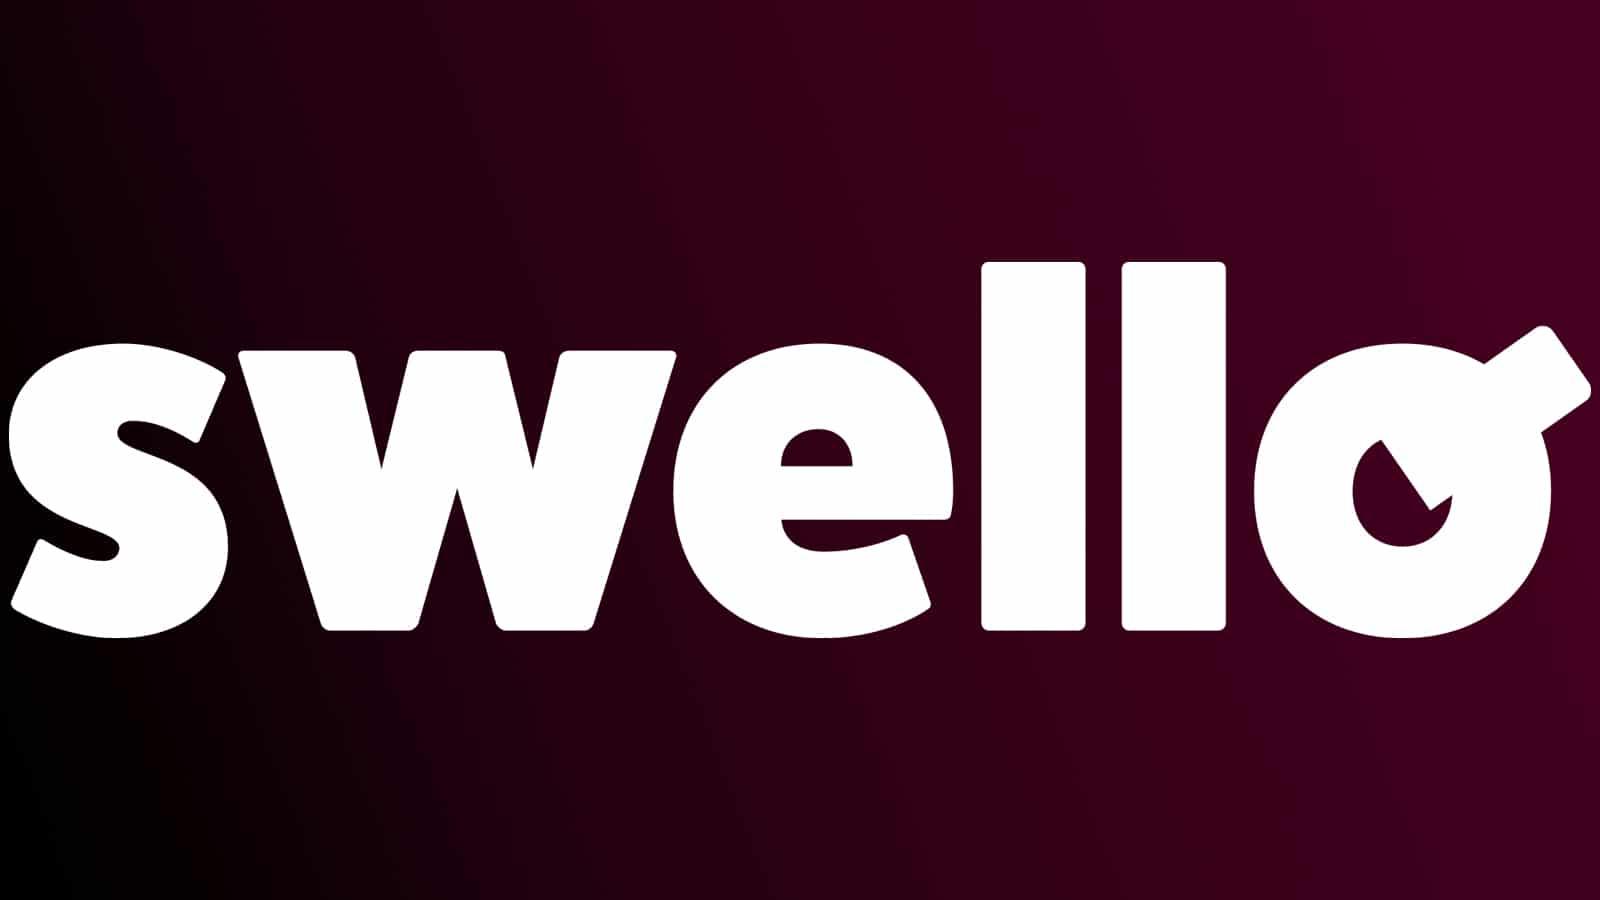 Le logo de Swello, le gestionnaire de réseaux sociaux française